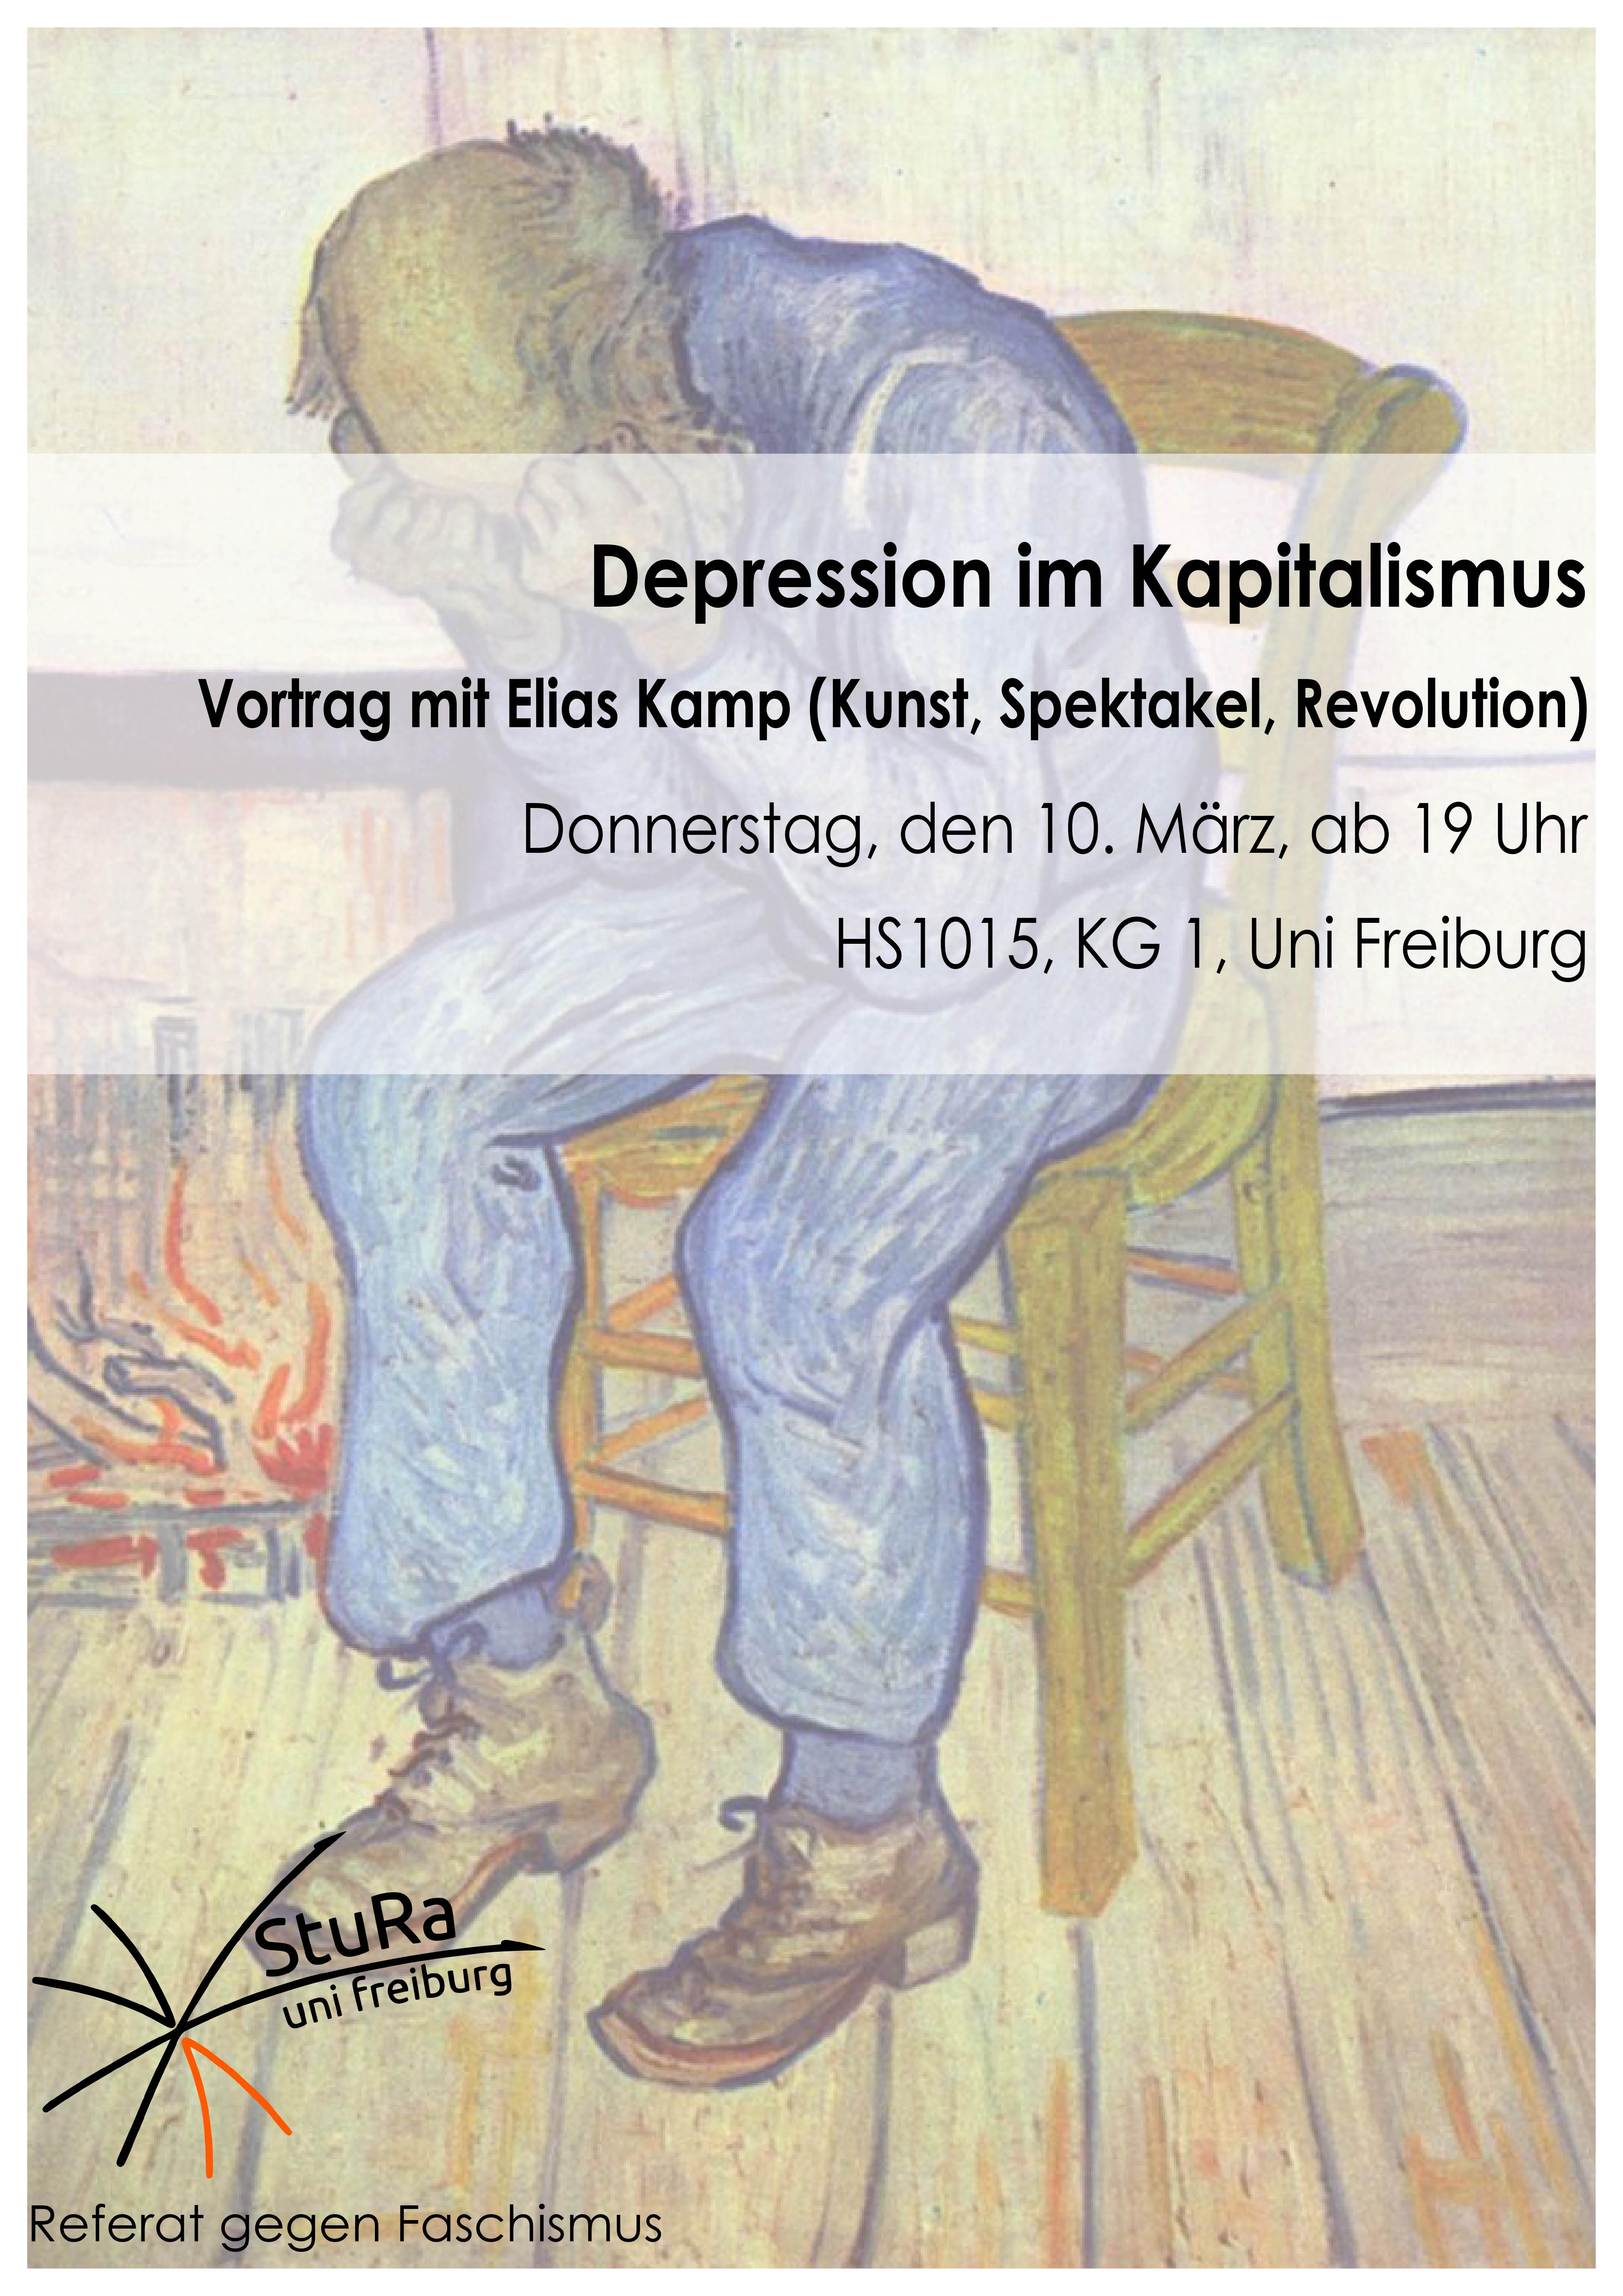 Depression im Kapitalismus Plakat Webversion